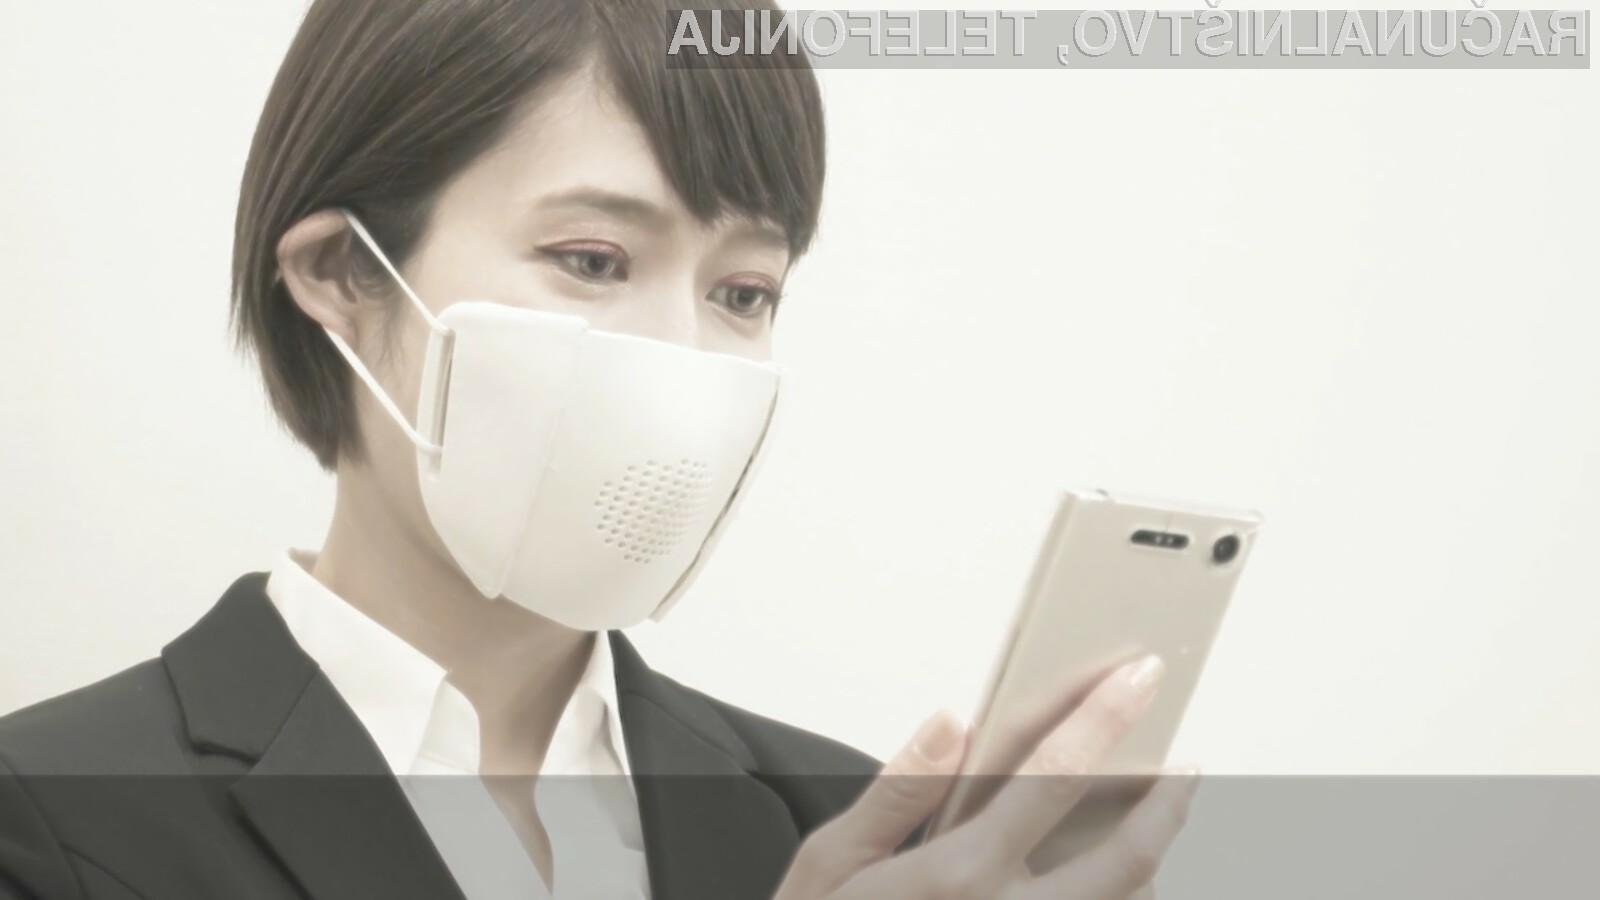 Zaščitna maska japonskega podjetja Donut Robotics naj bi precej olajšala komunikacijo med uporabniki.